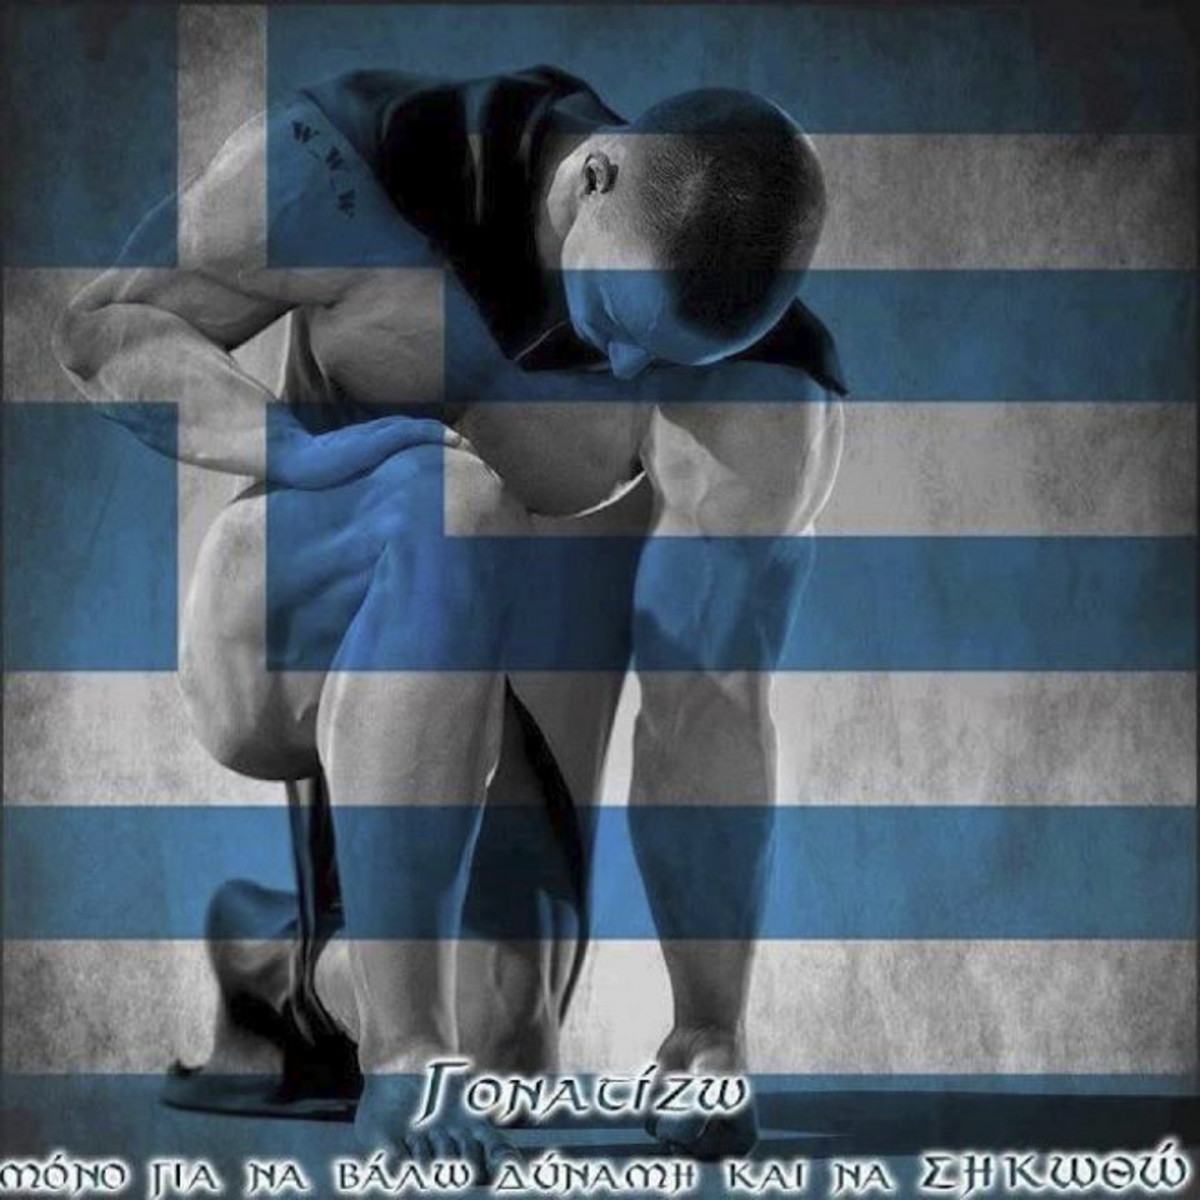 «Γονατίζω για να βάλω δύναμη να σηκωθώ» – Η εικόνα που κάνει το γύρο του διαδικτύου | Newsit.gr